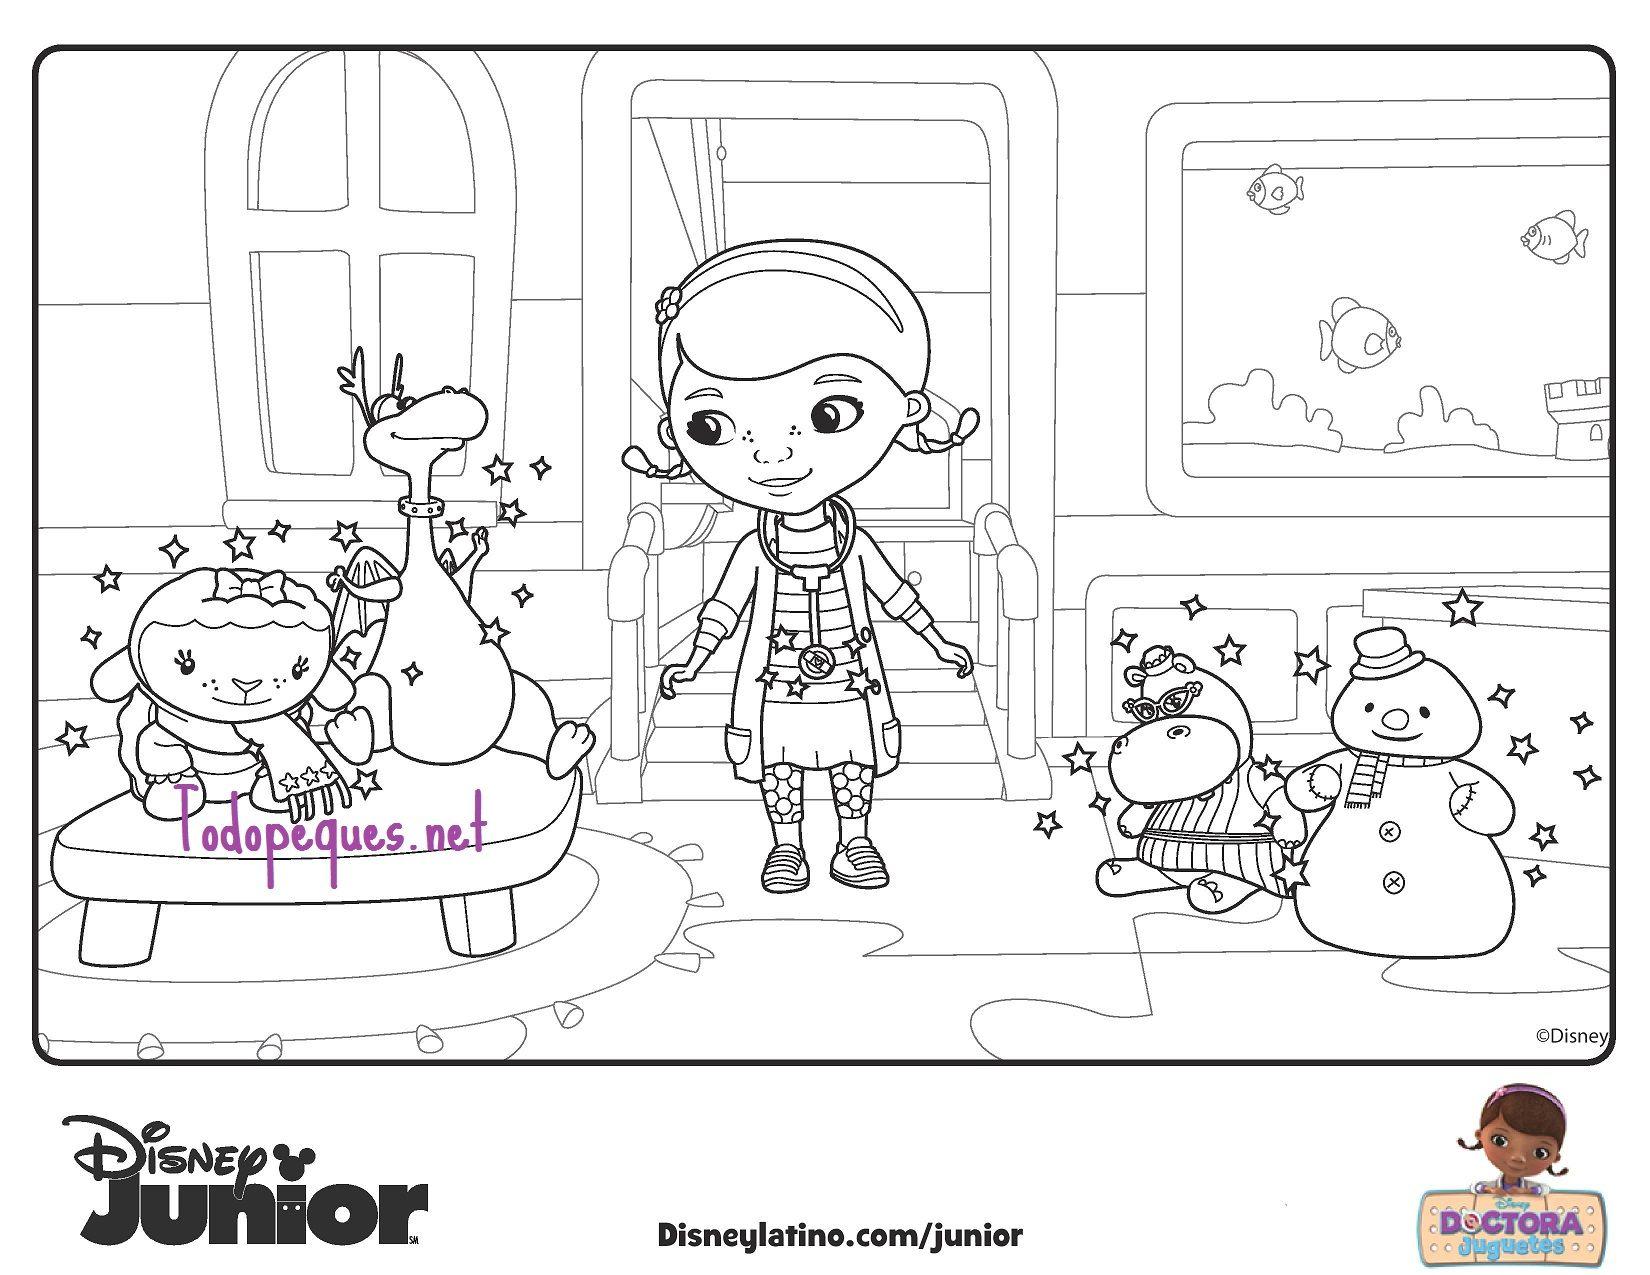 coloreadoctora4-page-001 | Festejar | Pinterest | Doctora, Colorear ...